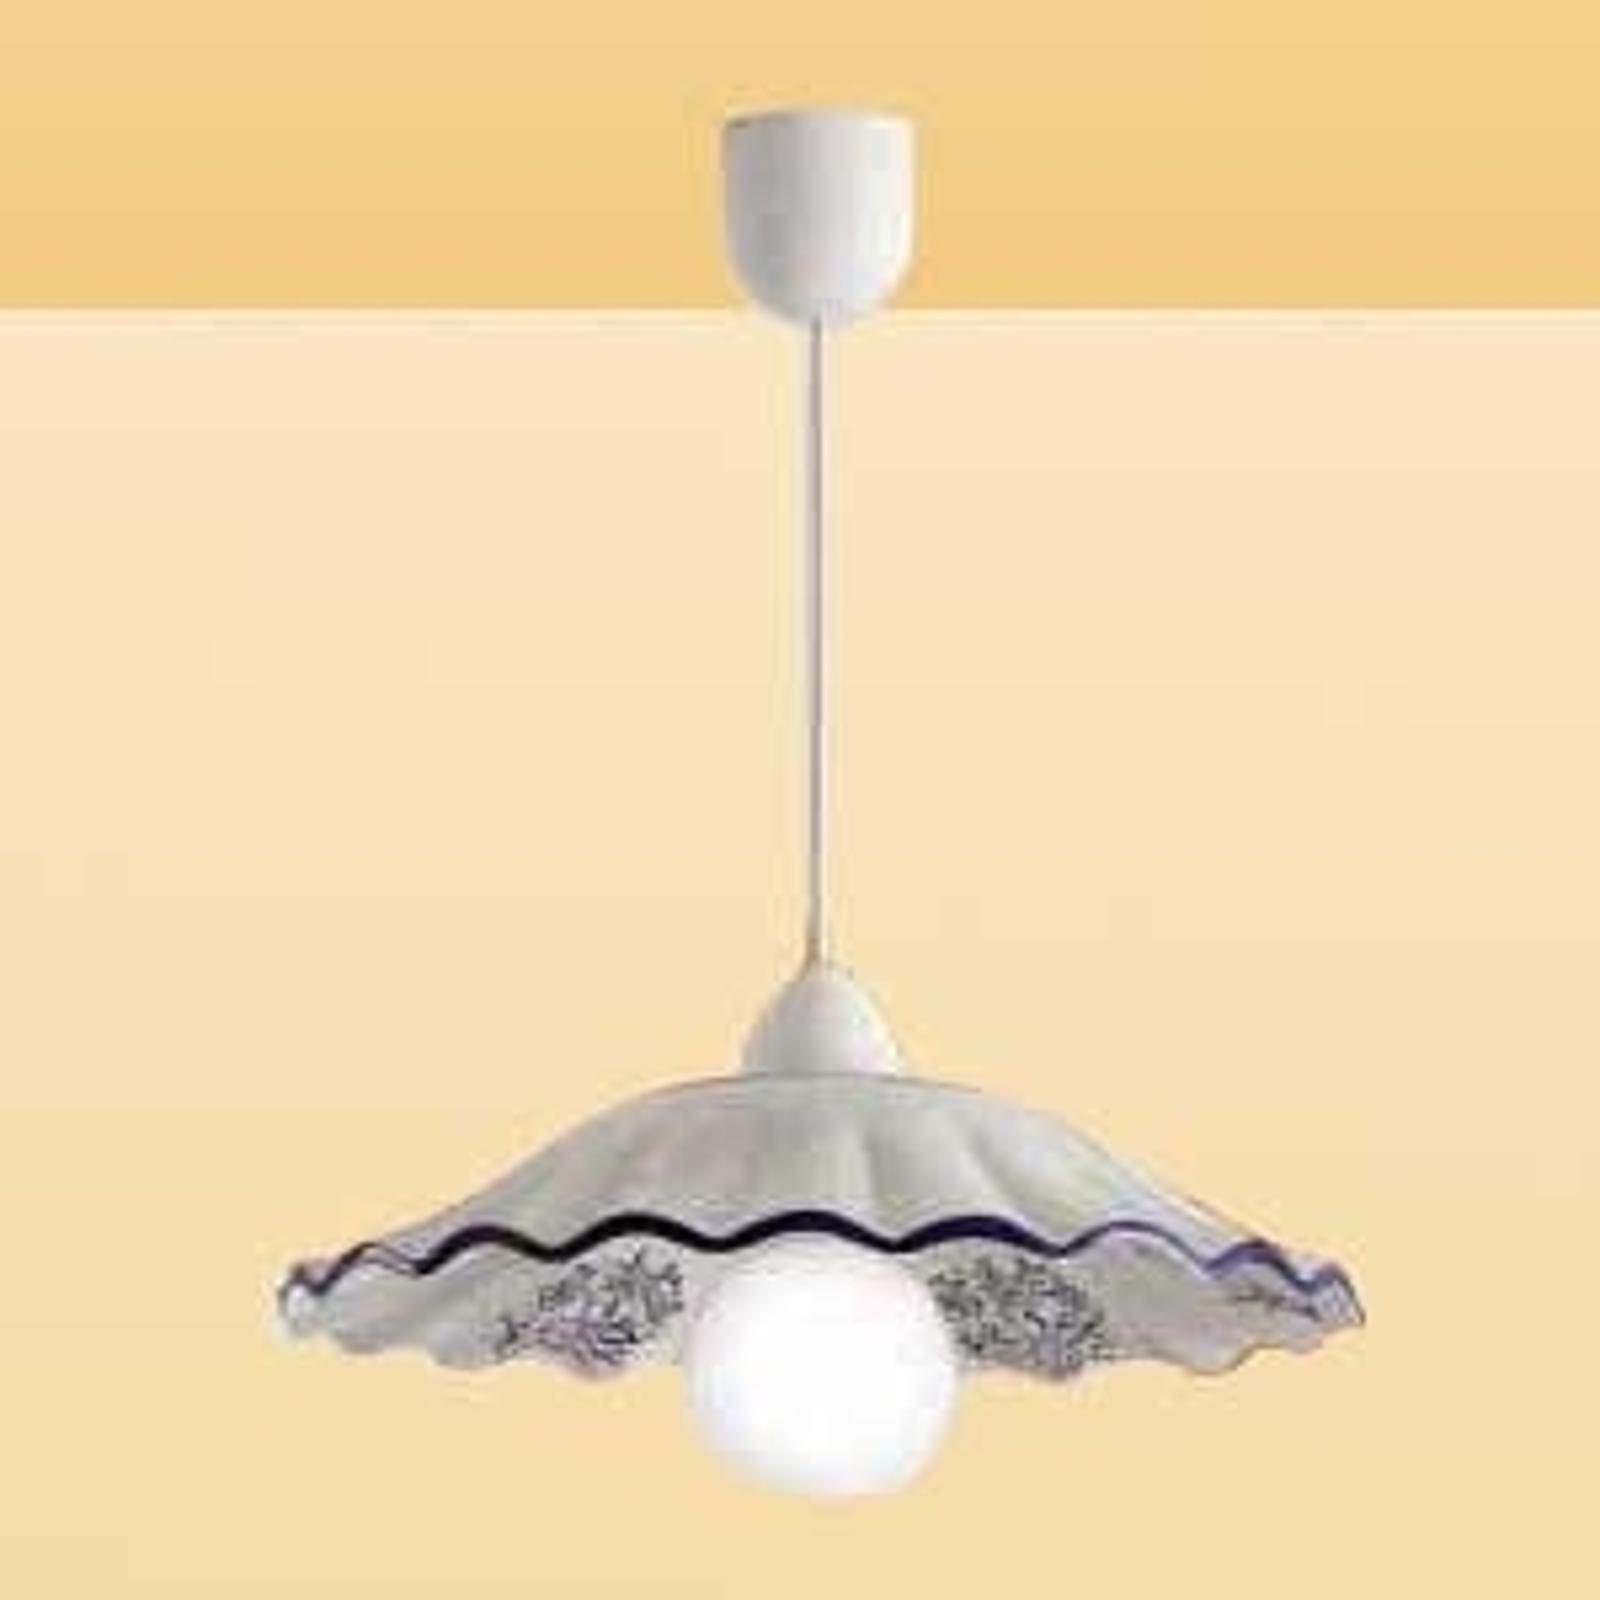 Závesná lampa CELESTINA s romantickým nádychom_2013112_1